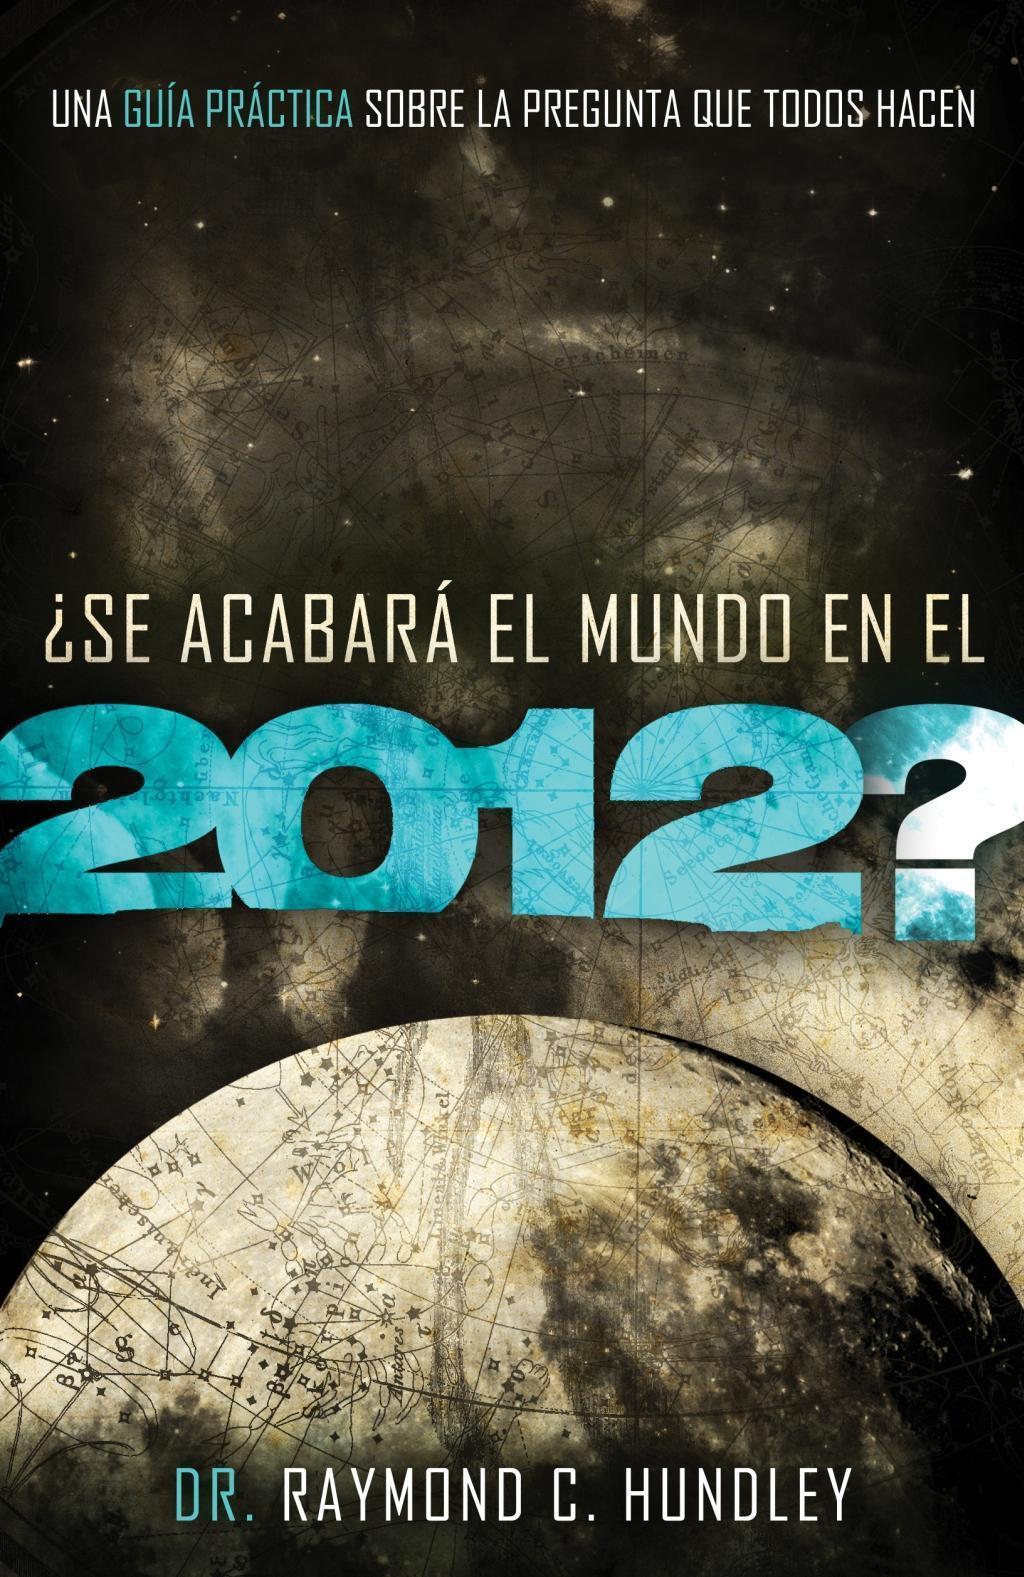 ¿Se acabará el mundo en el 2012?